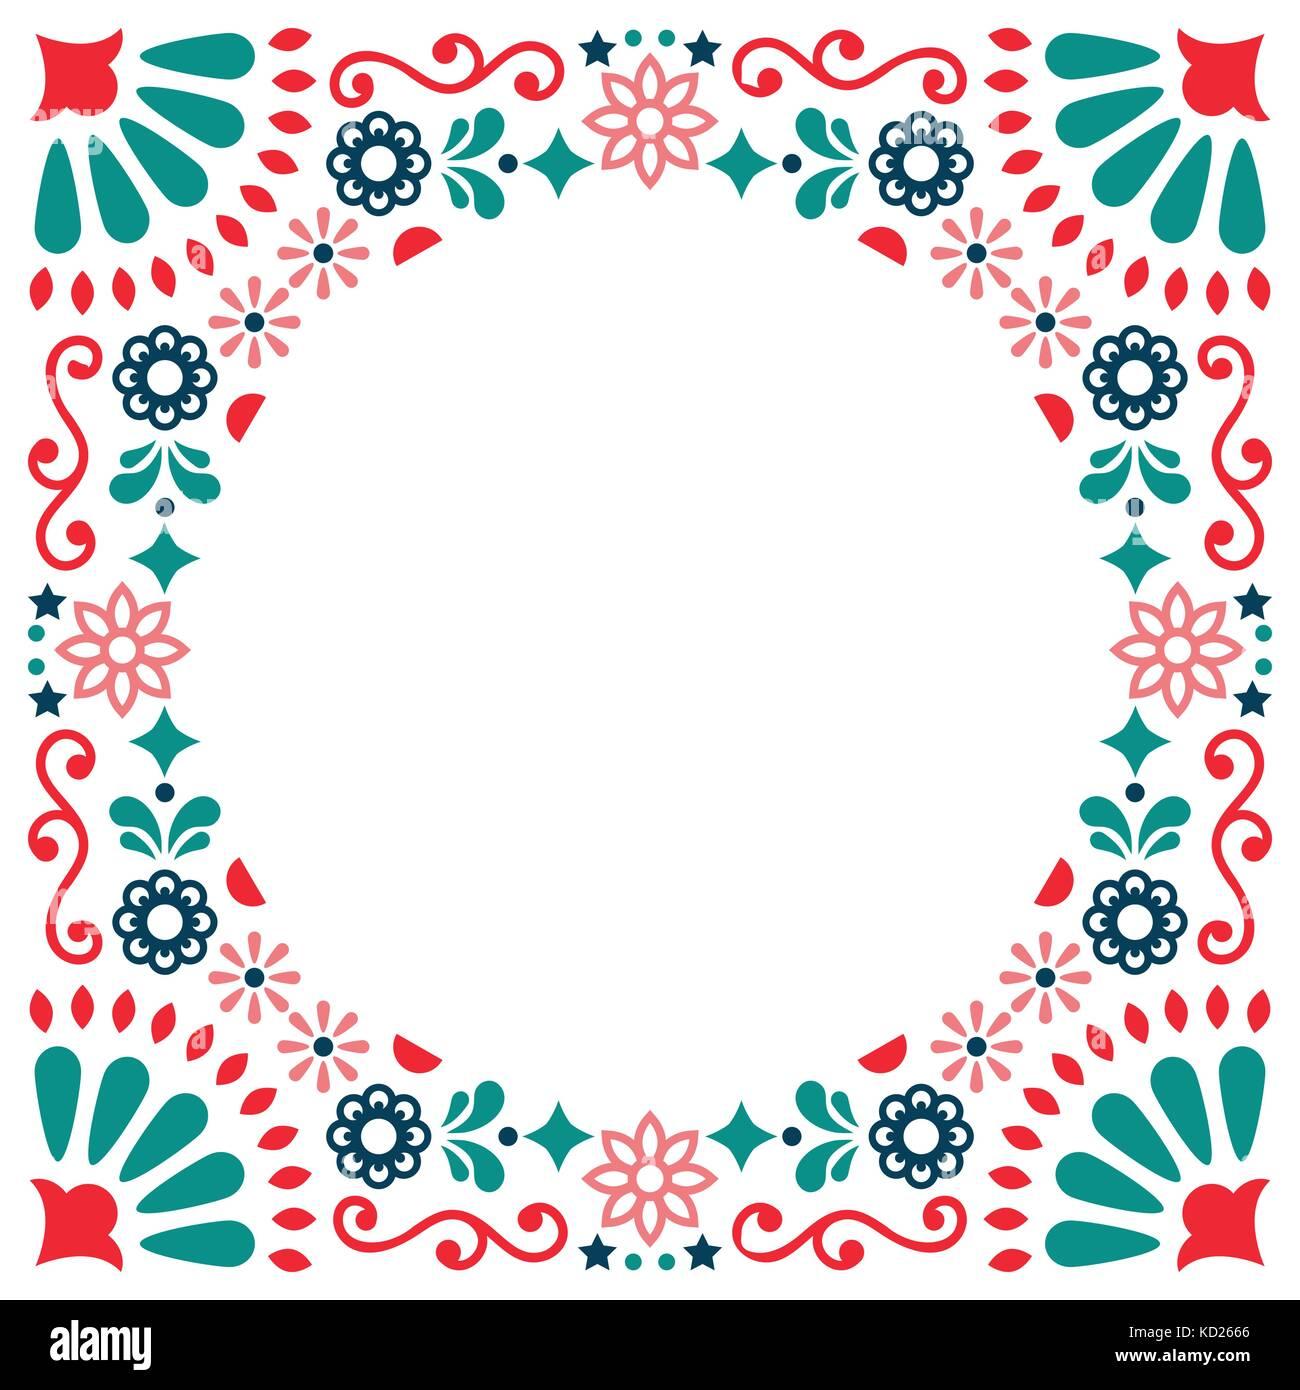 Mexikanische Volksmusik vektor Grußkarte, Hochzeit oder Party ...